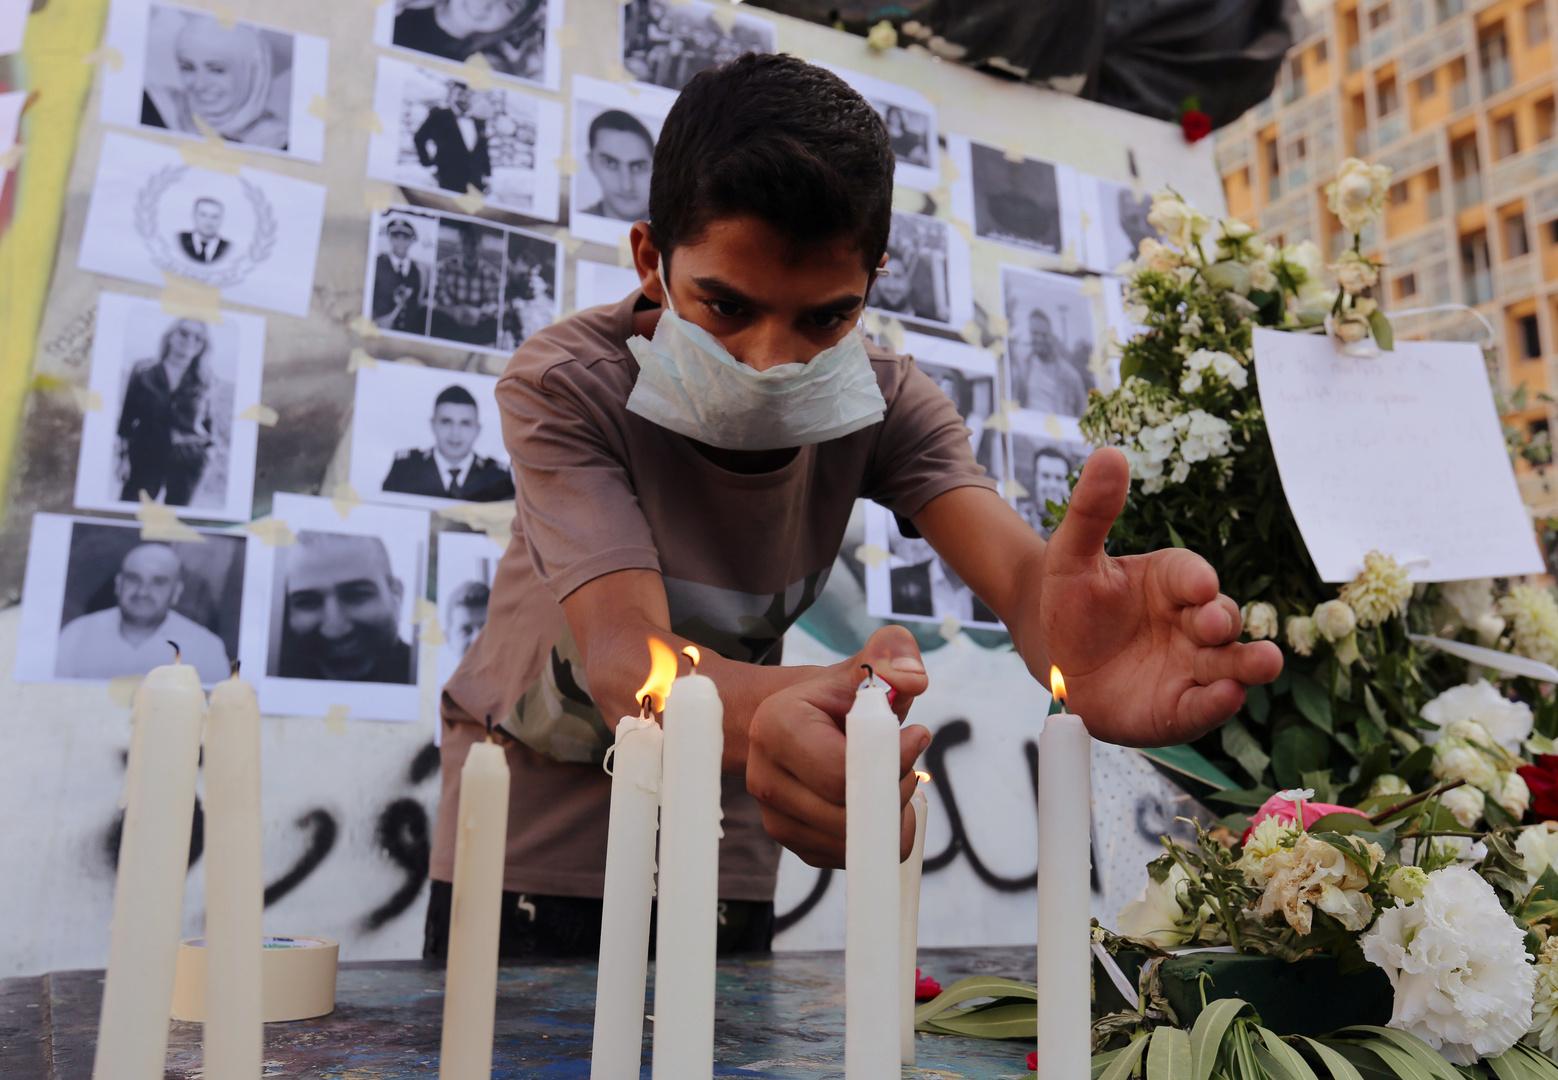 صورة مؤثرة لن ينساها اللبنانيون.. التقطت قبل لحظات من انفجار بيروت